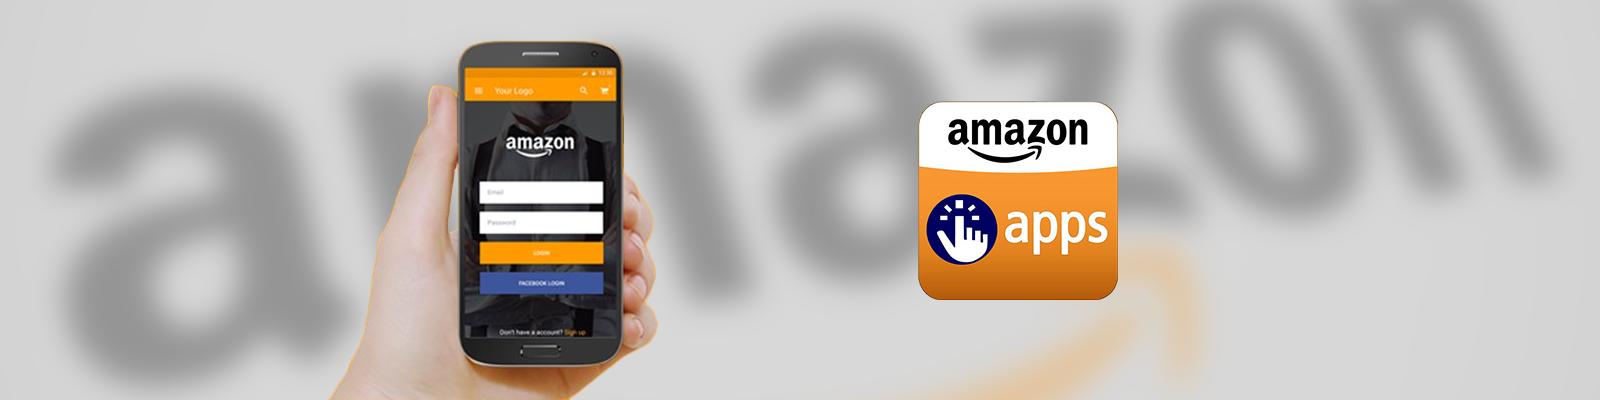 amazon app development